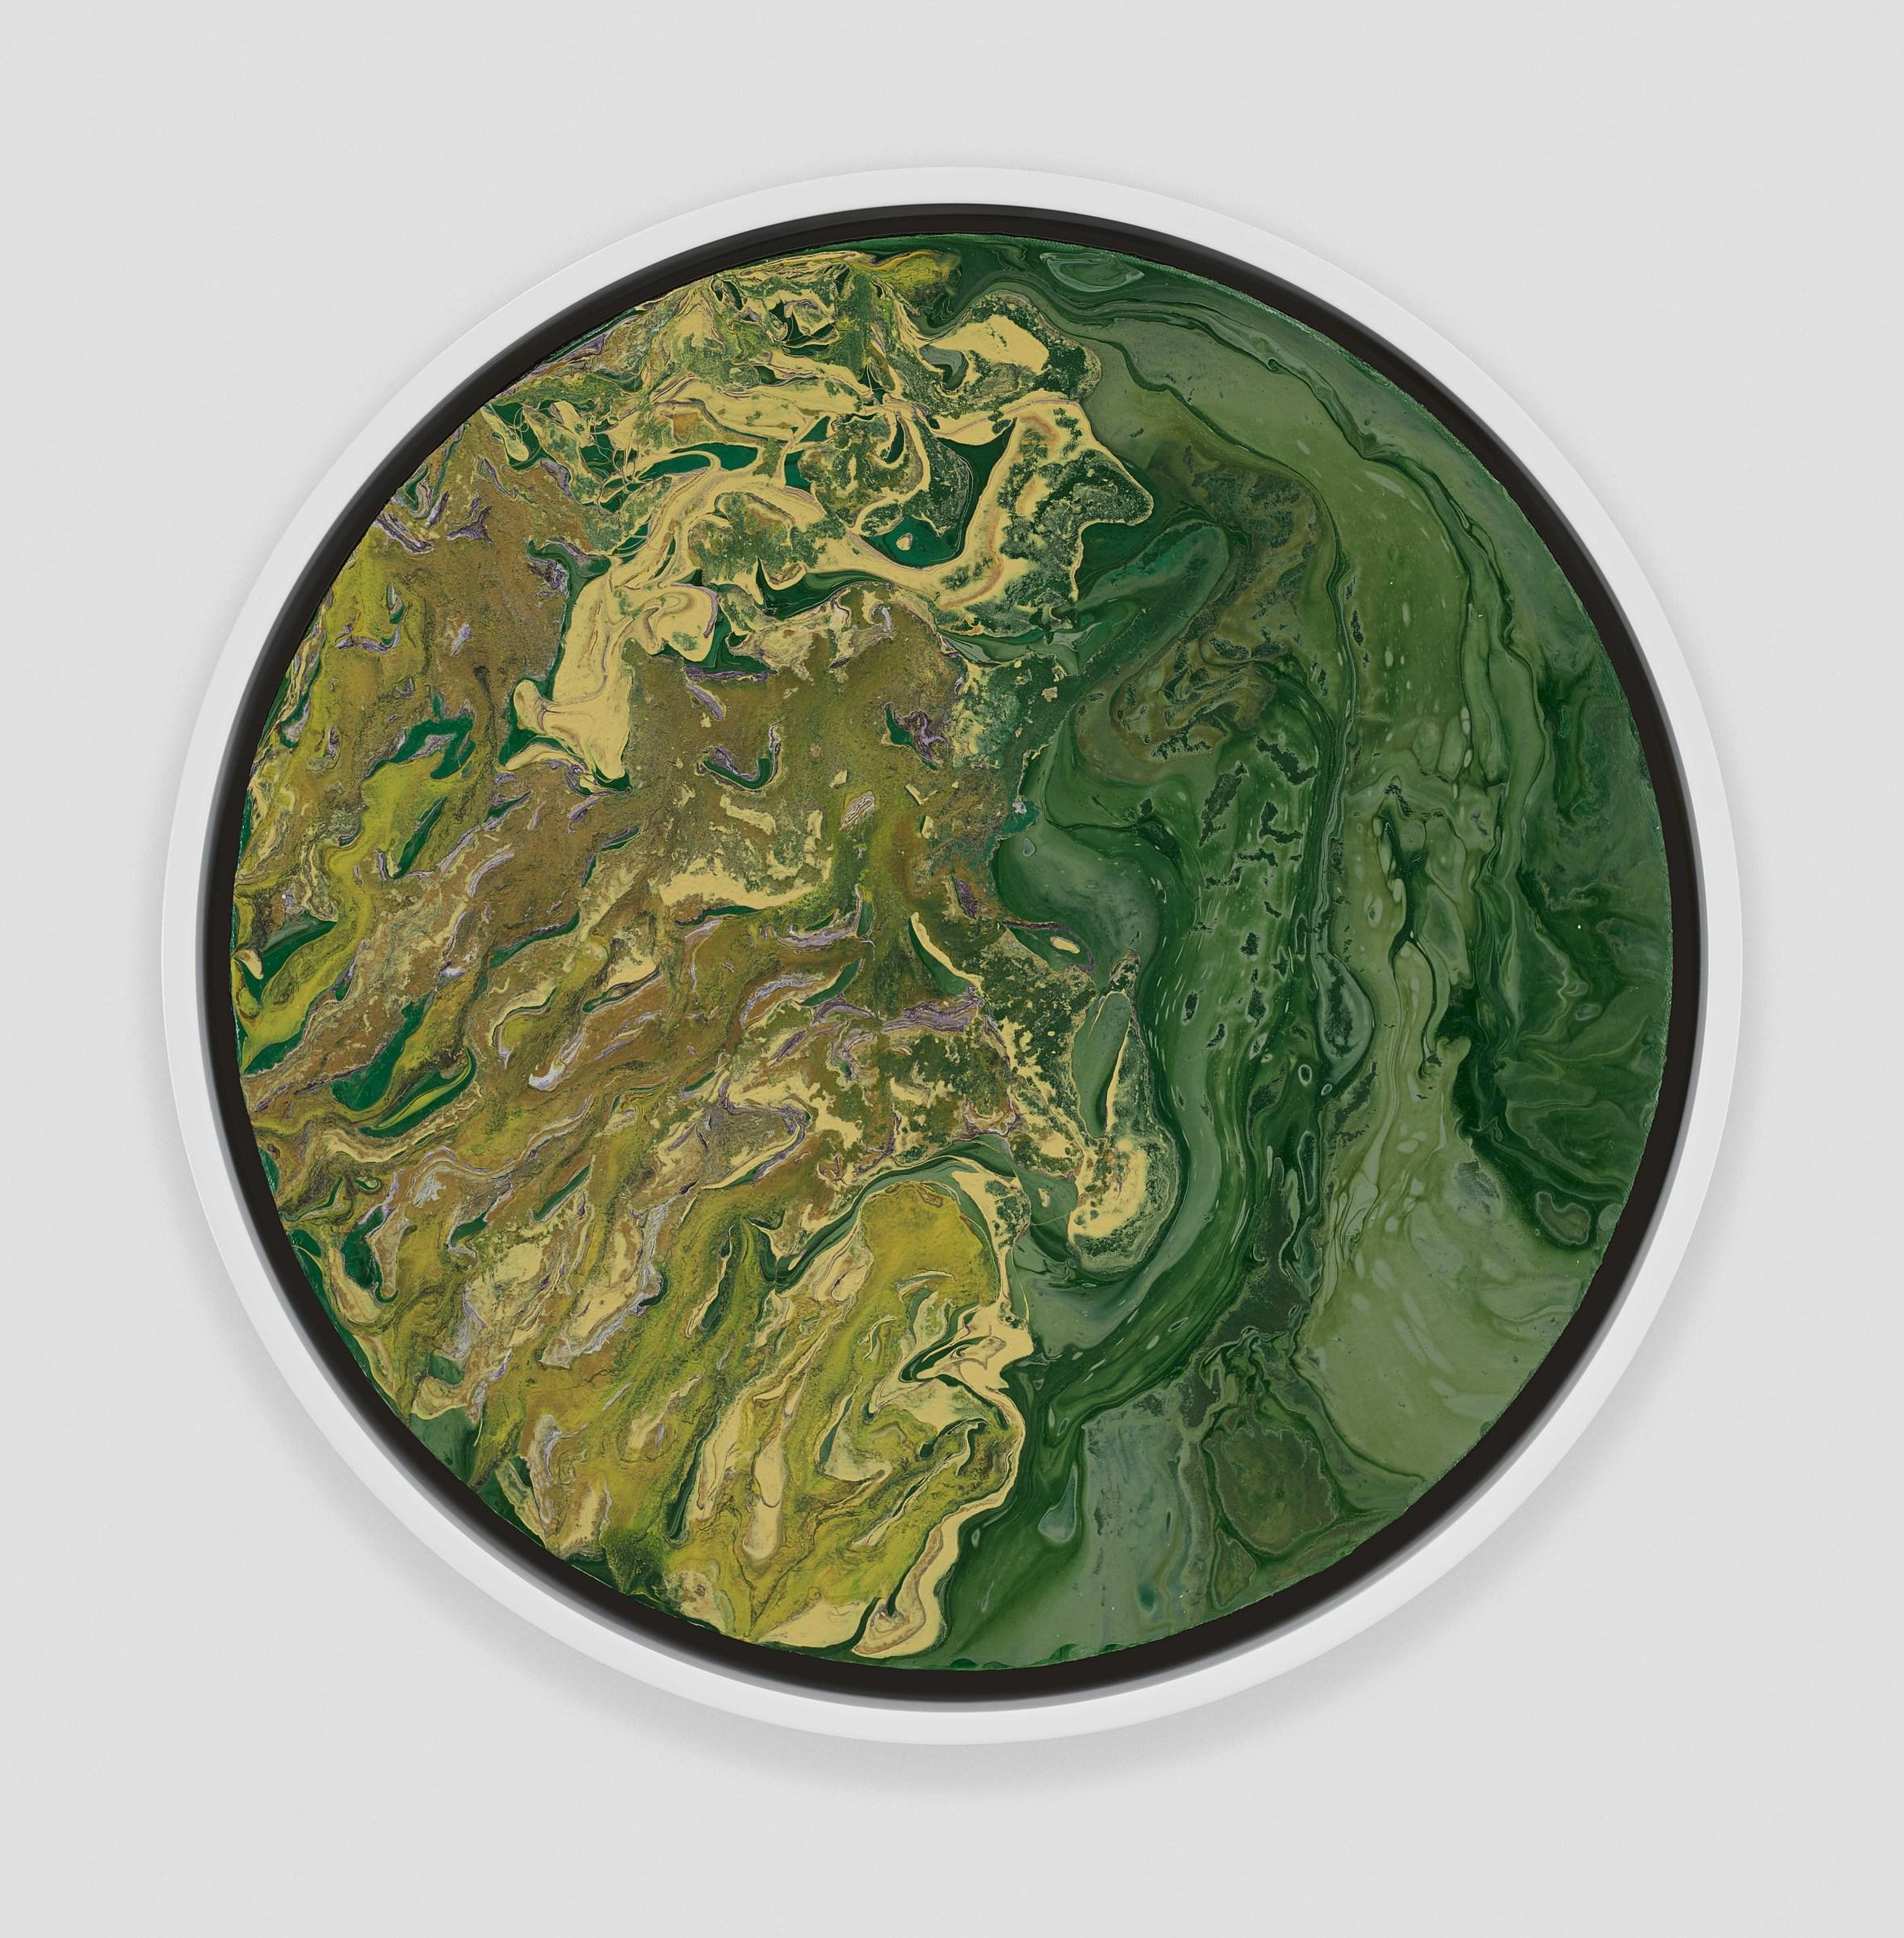 <span class=&#34;link fancybox-details-link&#34;><a href=&#34;/artists/66-elsa-duault/works/4916-elsa-duault-unknown-plant-ii-2017/&#34;>View Detail Page</a></span><div class=&#34;artist&#34;><strong>Elsa Duault</strong></div> 1992  <div class=&#34;title&#34;><em>Unknown plant II</em>, 2017</div> <div class=&#34;medium&#34;>Acrylic on canvas</div> <div class=&#34;dimensions&#34;>40cm diameter<br /> </div><div class=&#34;copyright_line&#34;>Copyright The Artist</div>